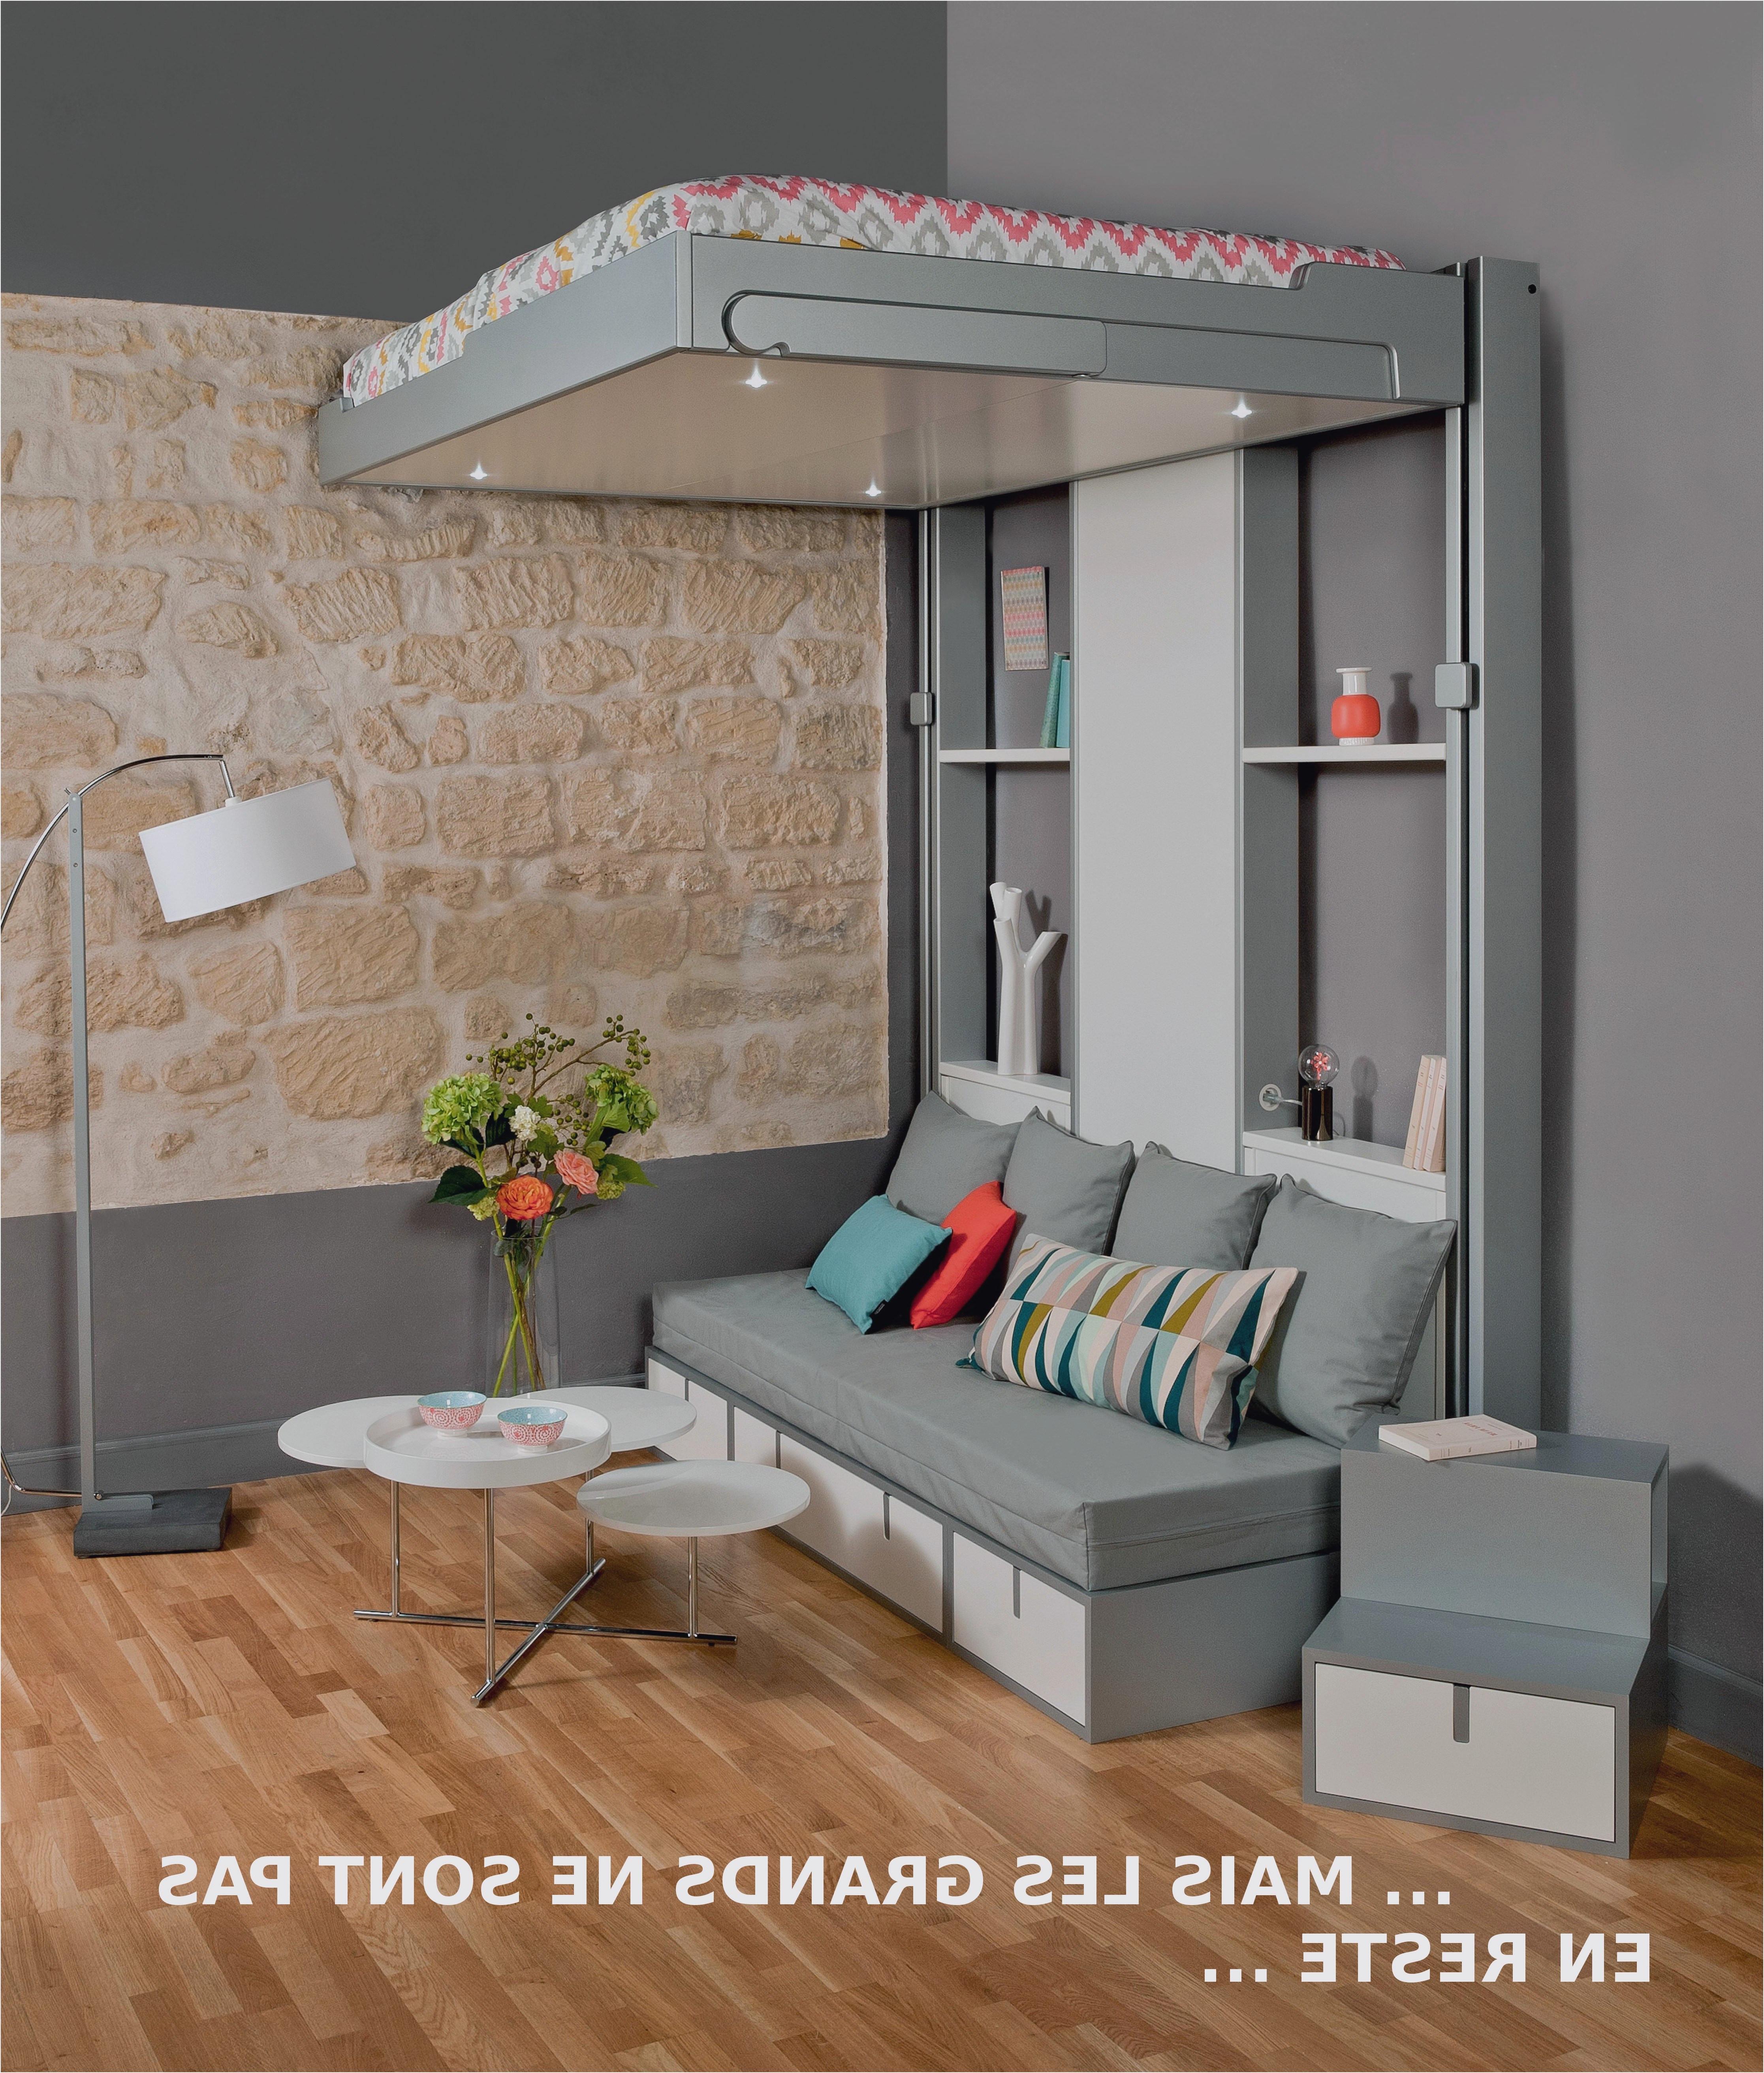 Lit Canapé Escamotable Ikea Beau Images Lits Escamotables Ikea 3 Lit Armoire Escamotable Mural Hornoruso